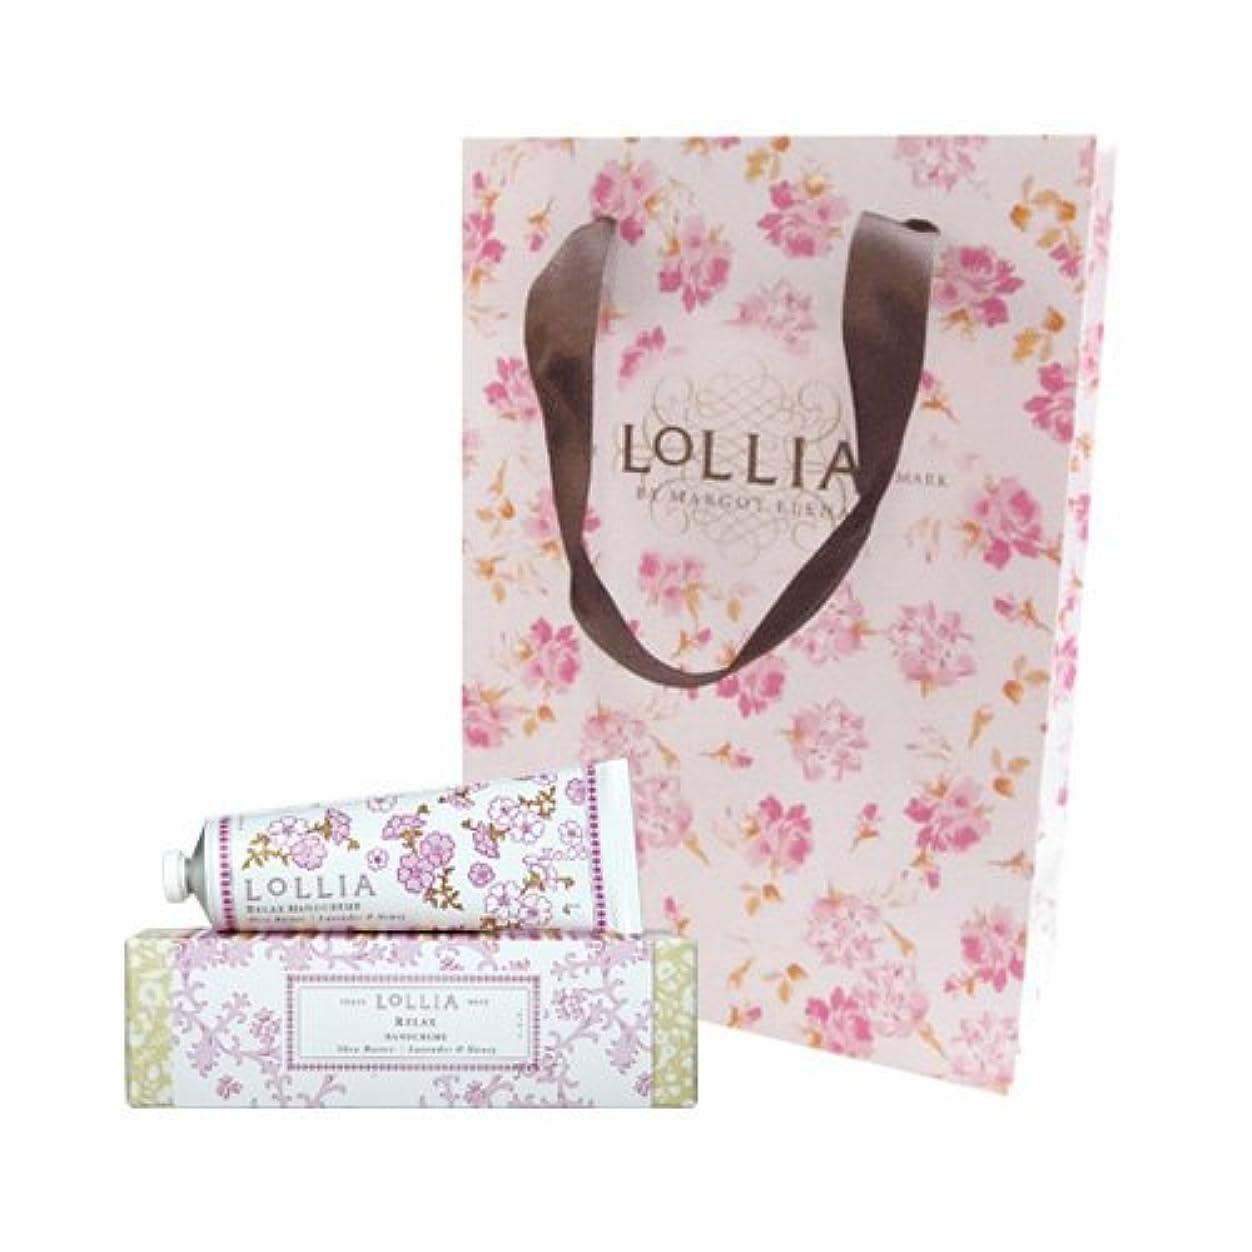 多様な病気だと思うより多いロリア(LoLLIA) ハンドクリーム Relax 35g (蘭、ラベンダー、バニラとハニーの甘い香り) ショッパー付